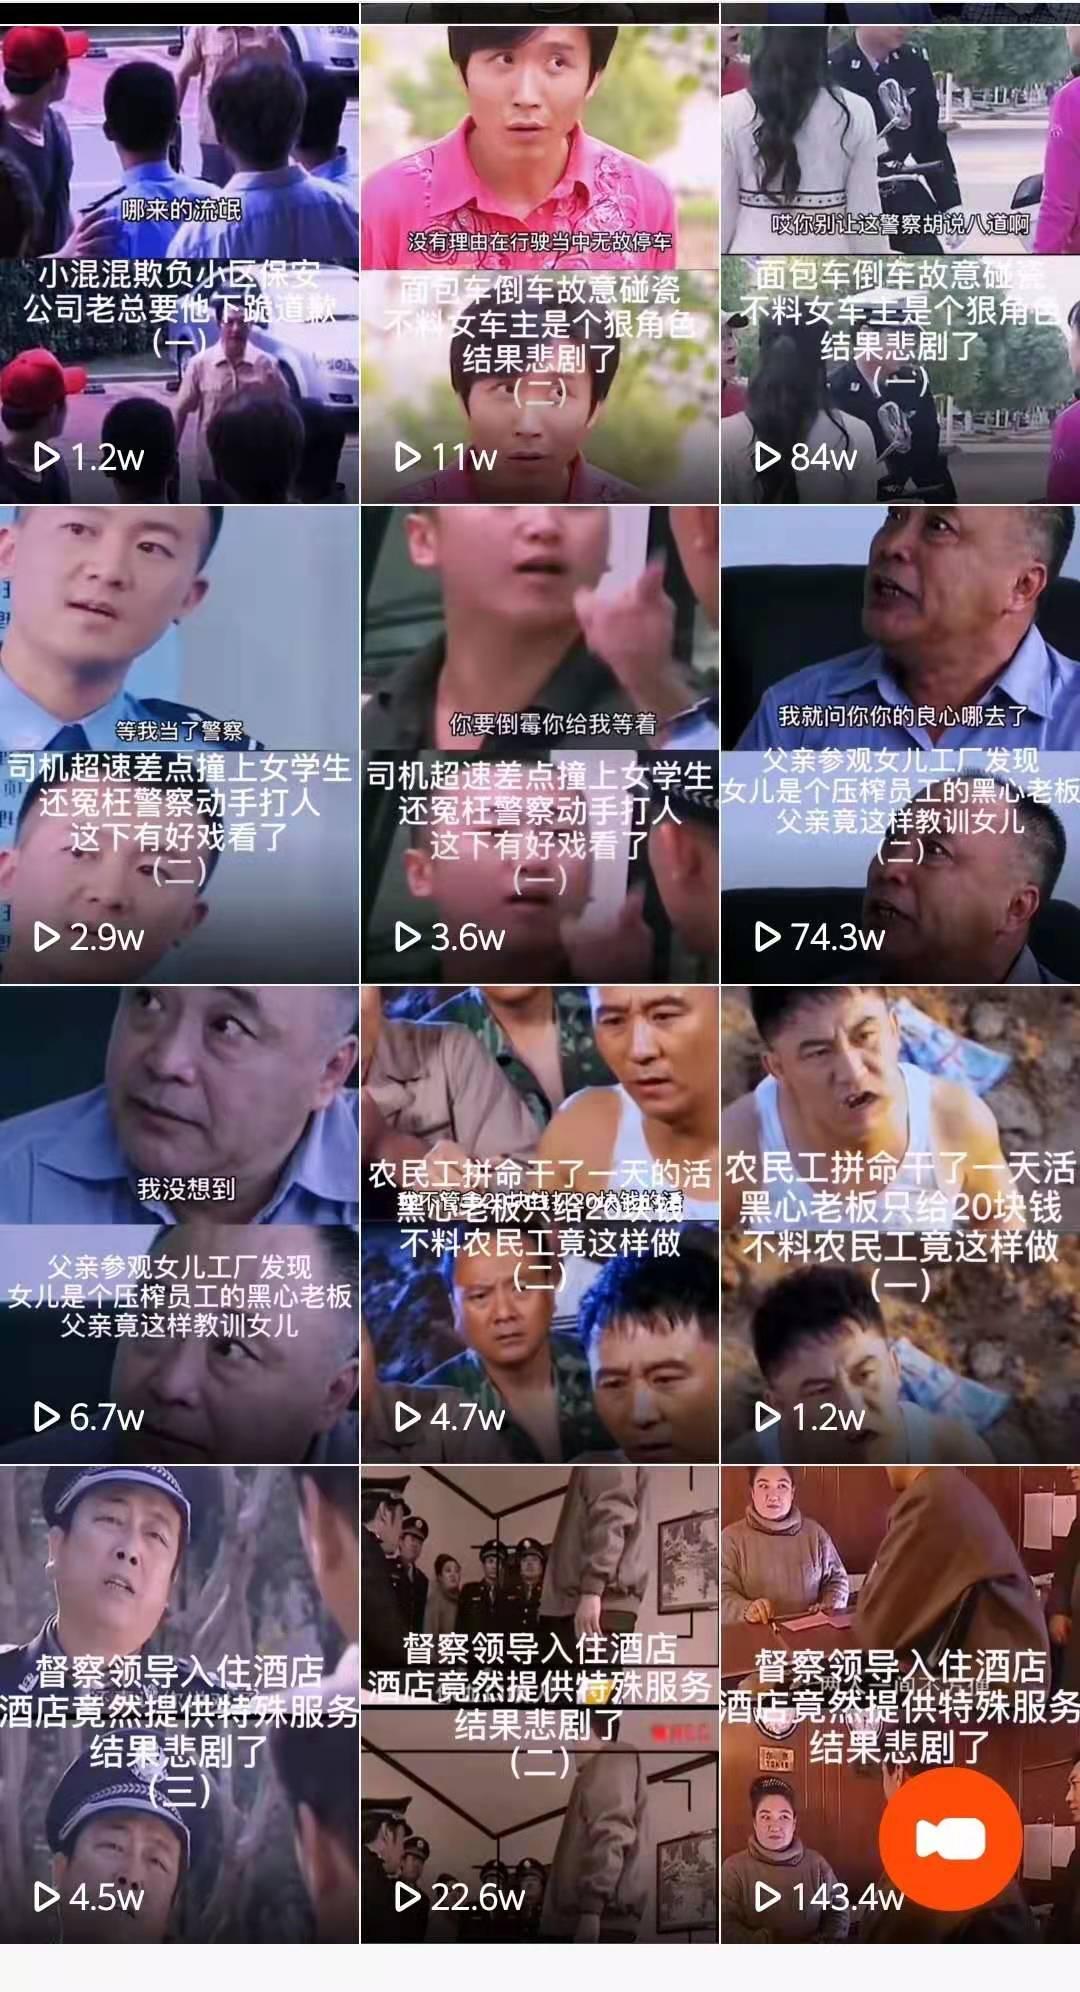 松子项目资源:抖音+微信引流变现,日赚500~4万RMB